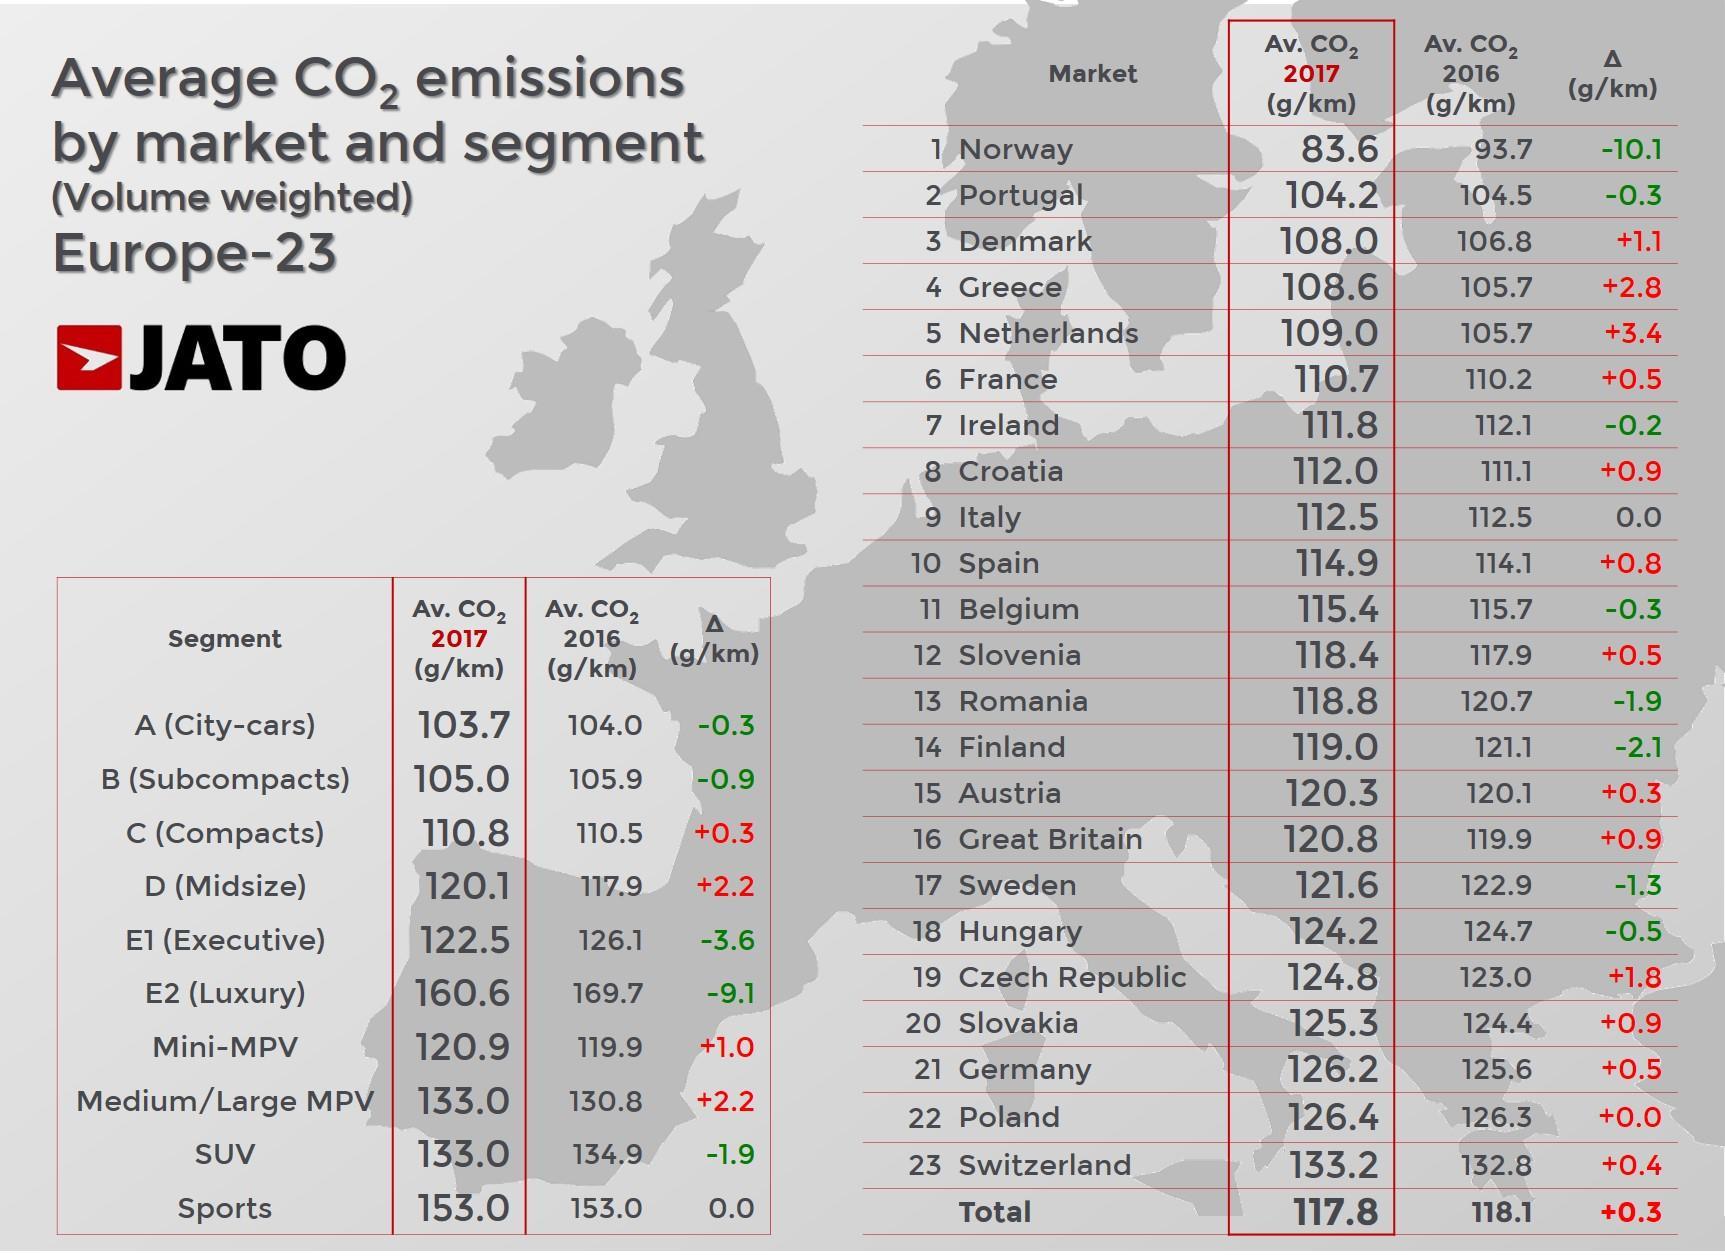 d7cffdee77 A legszerényebb emissziójú autókat Norvégiában vásárolják, javult  Portugália, a szegmensek között pedig a mind népszerűbb szabadidőautók  továbbra sem ...